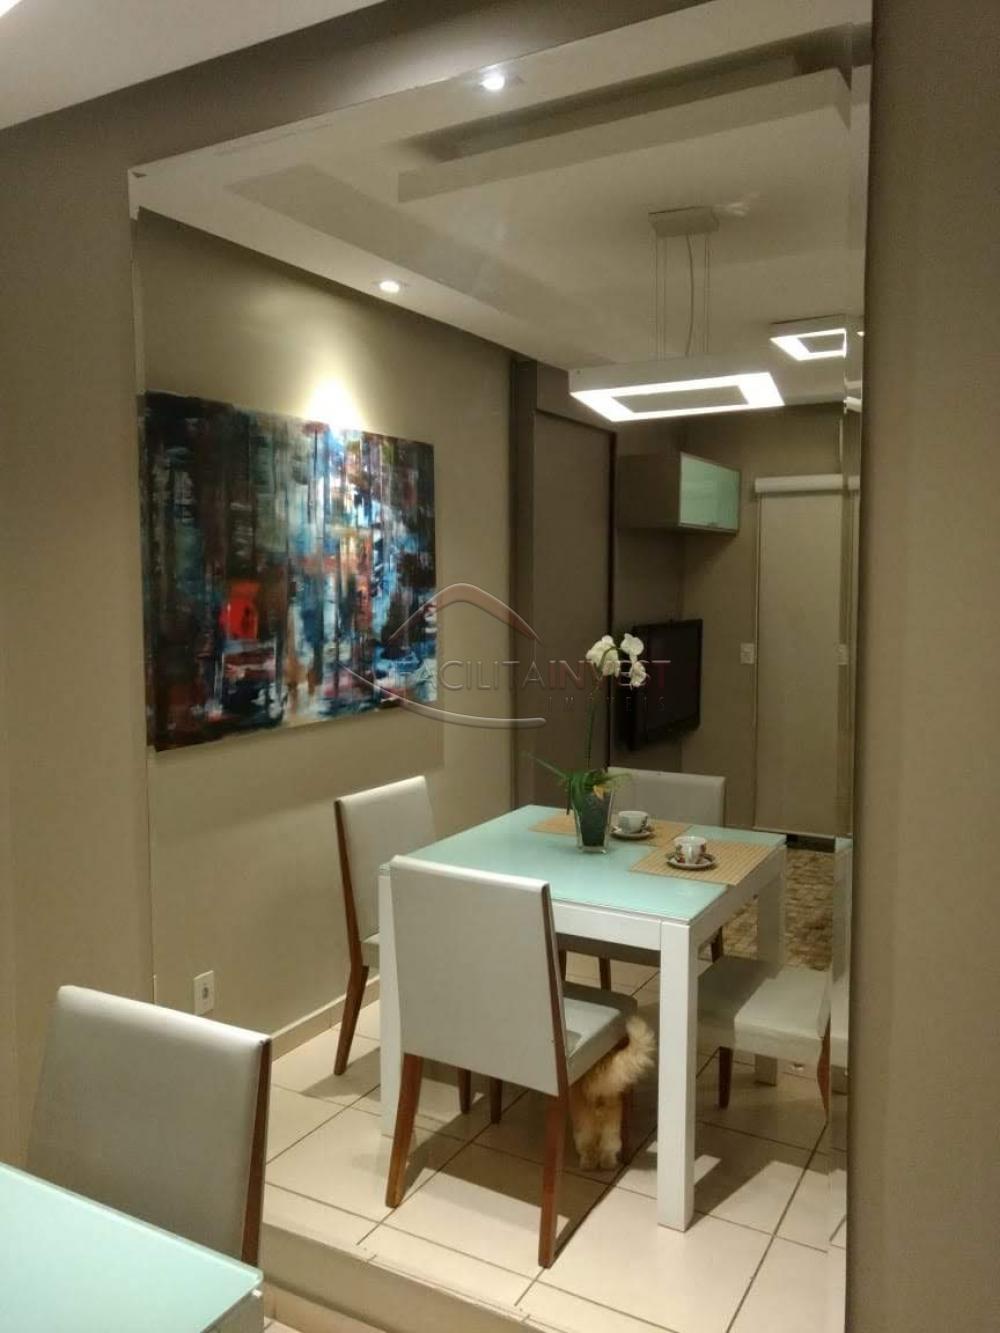 Comprar Apartamentos / Apart. Padrão em Ribeirão Preto apenas R$ 300.000,00 - Foto 2